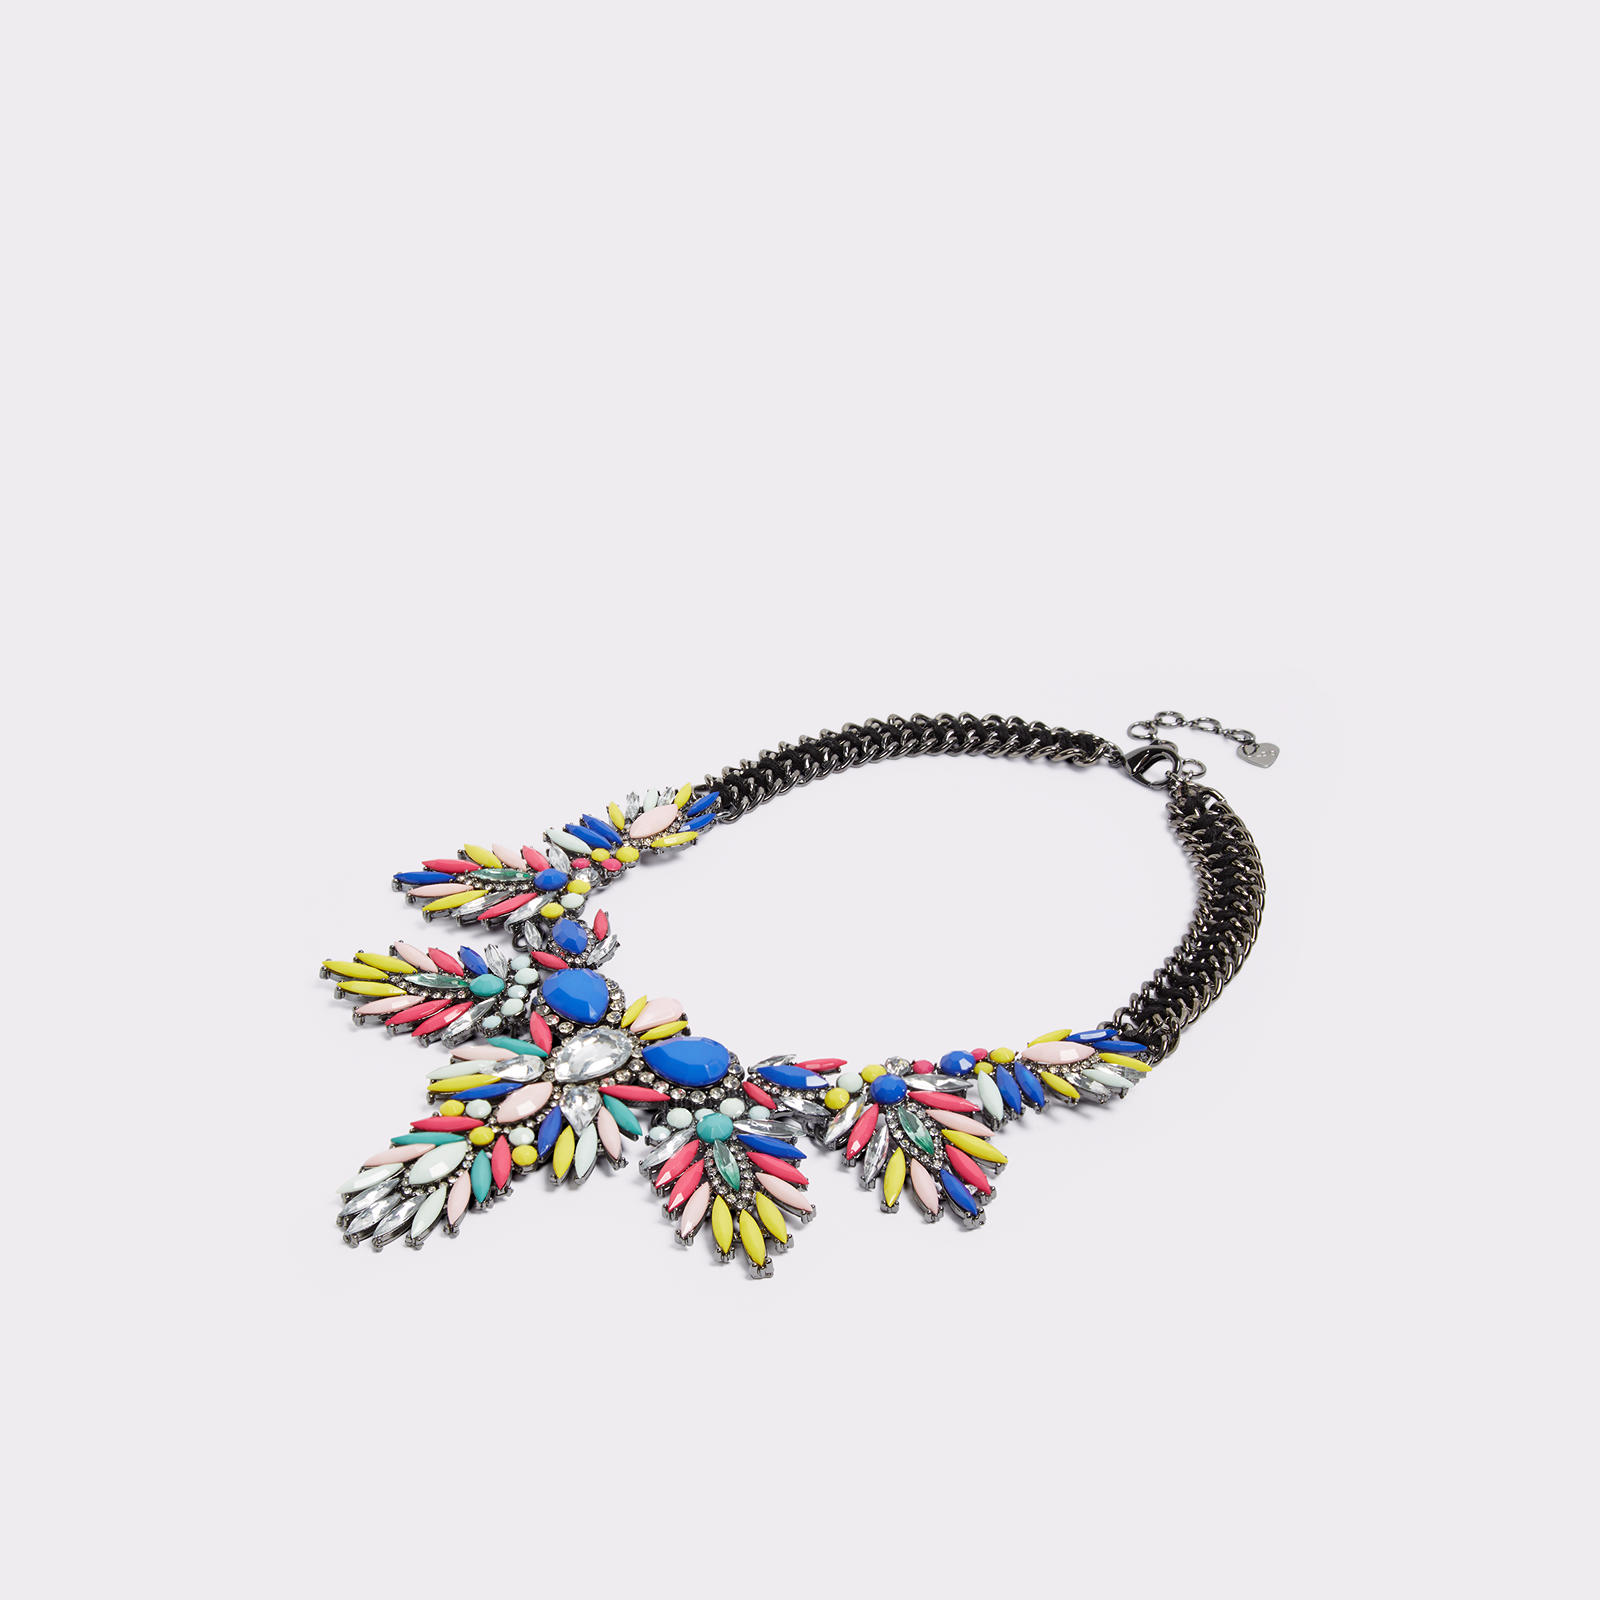 Cadelisien Bright Multi Women's Necklaces